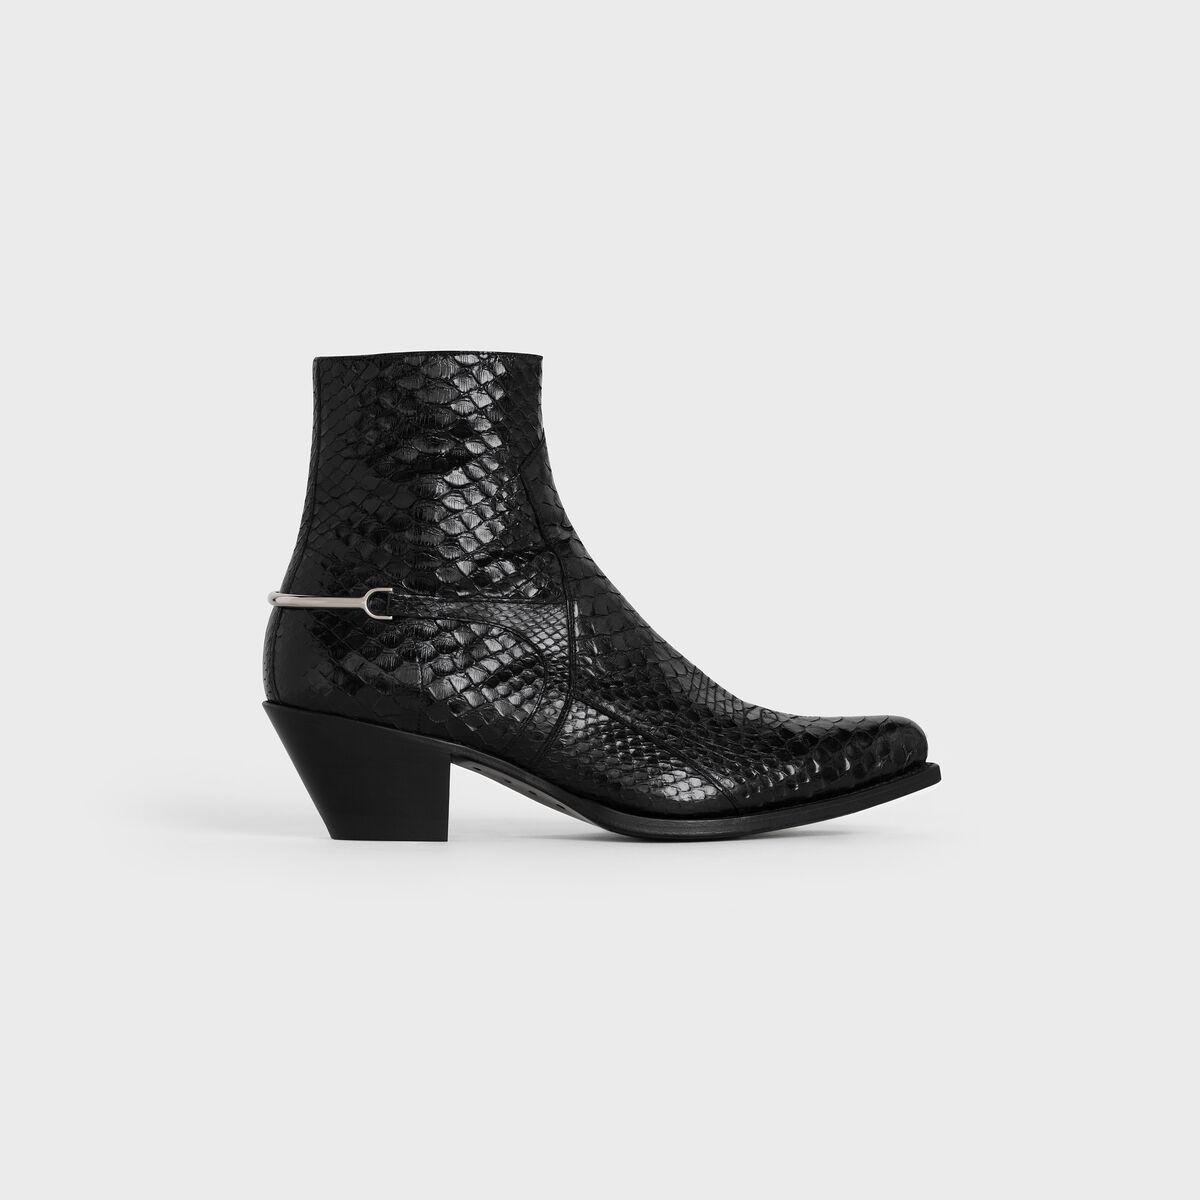 Celine Berlin Cavalry Zipped Boots - elle man